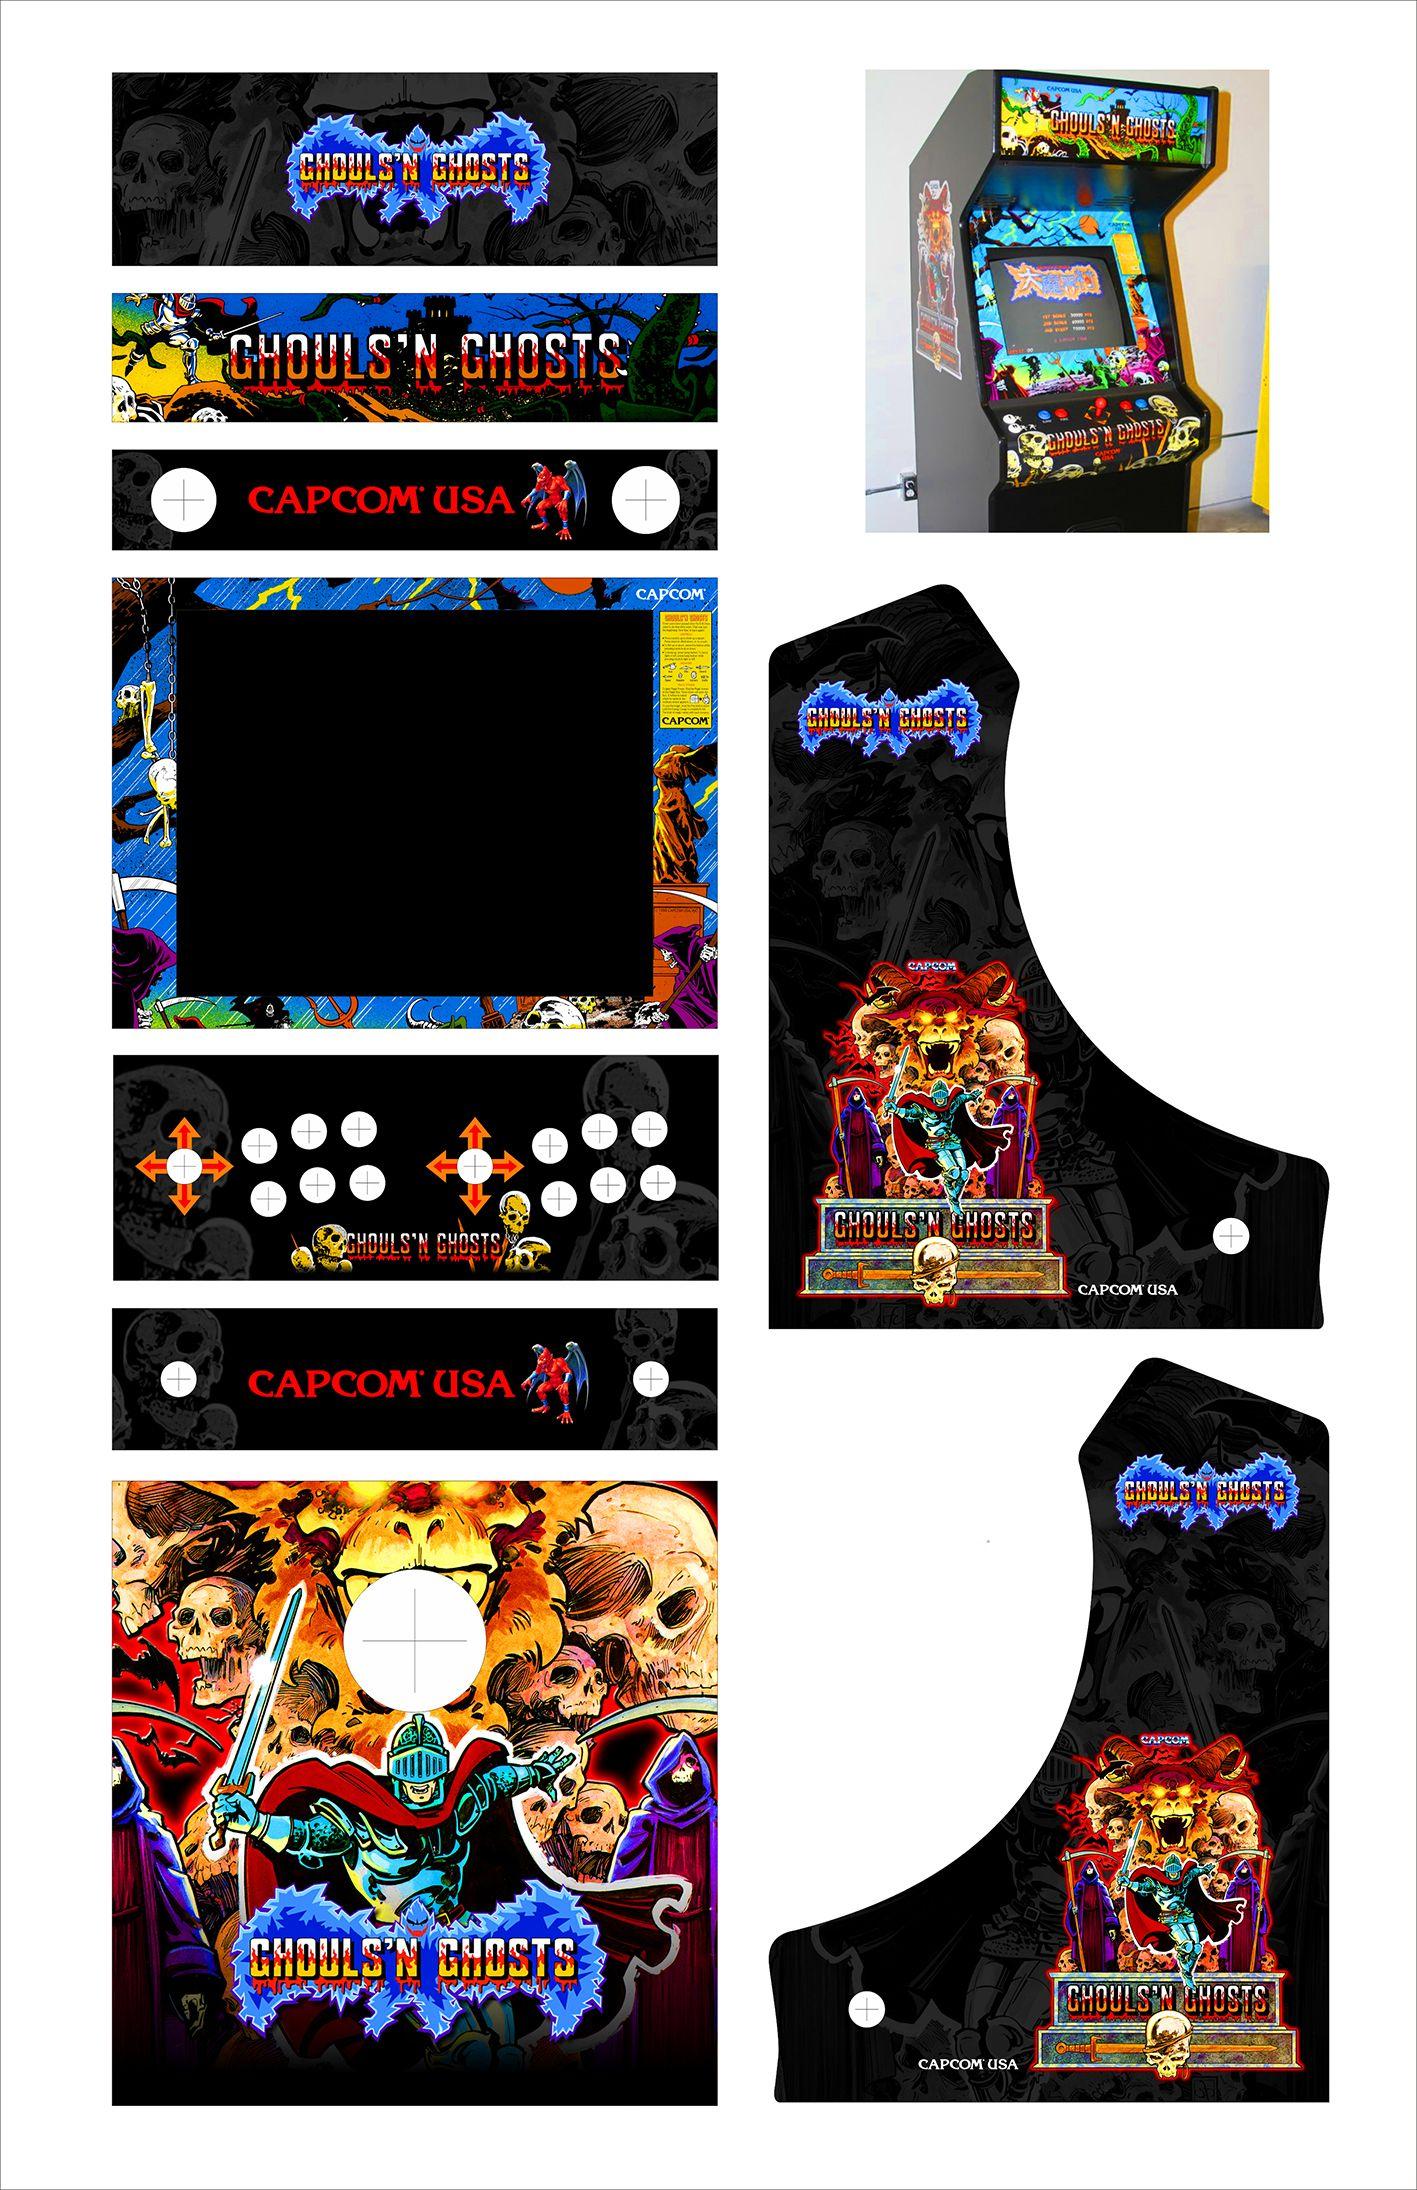 Bartop Arcade Cabnets Retro Arcade Arcade Arcade Games